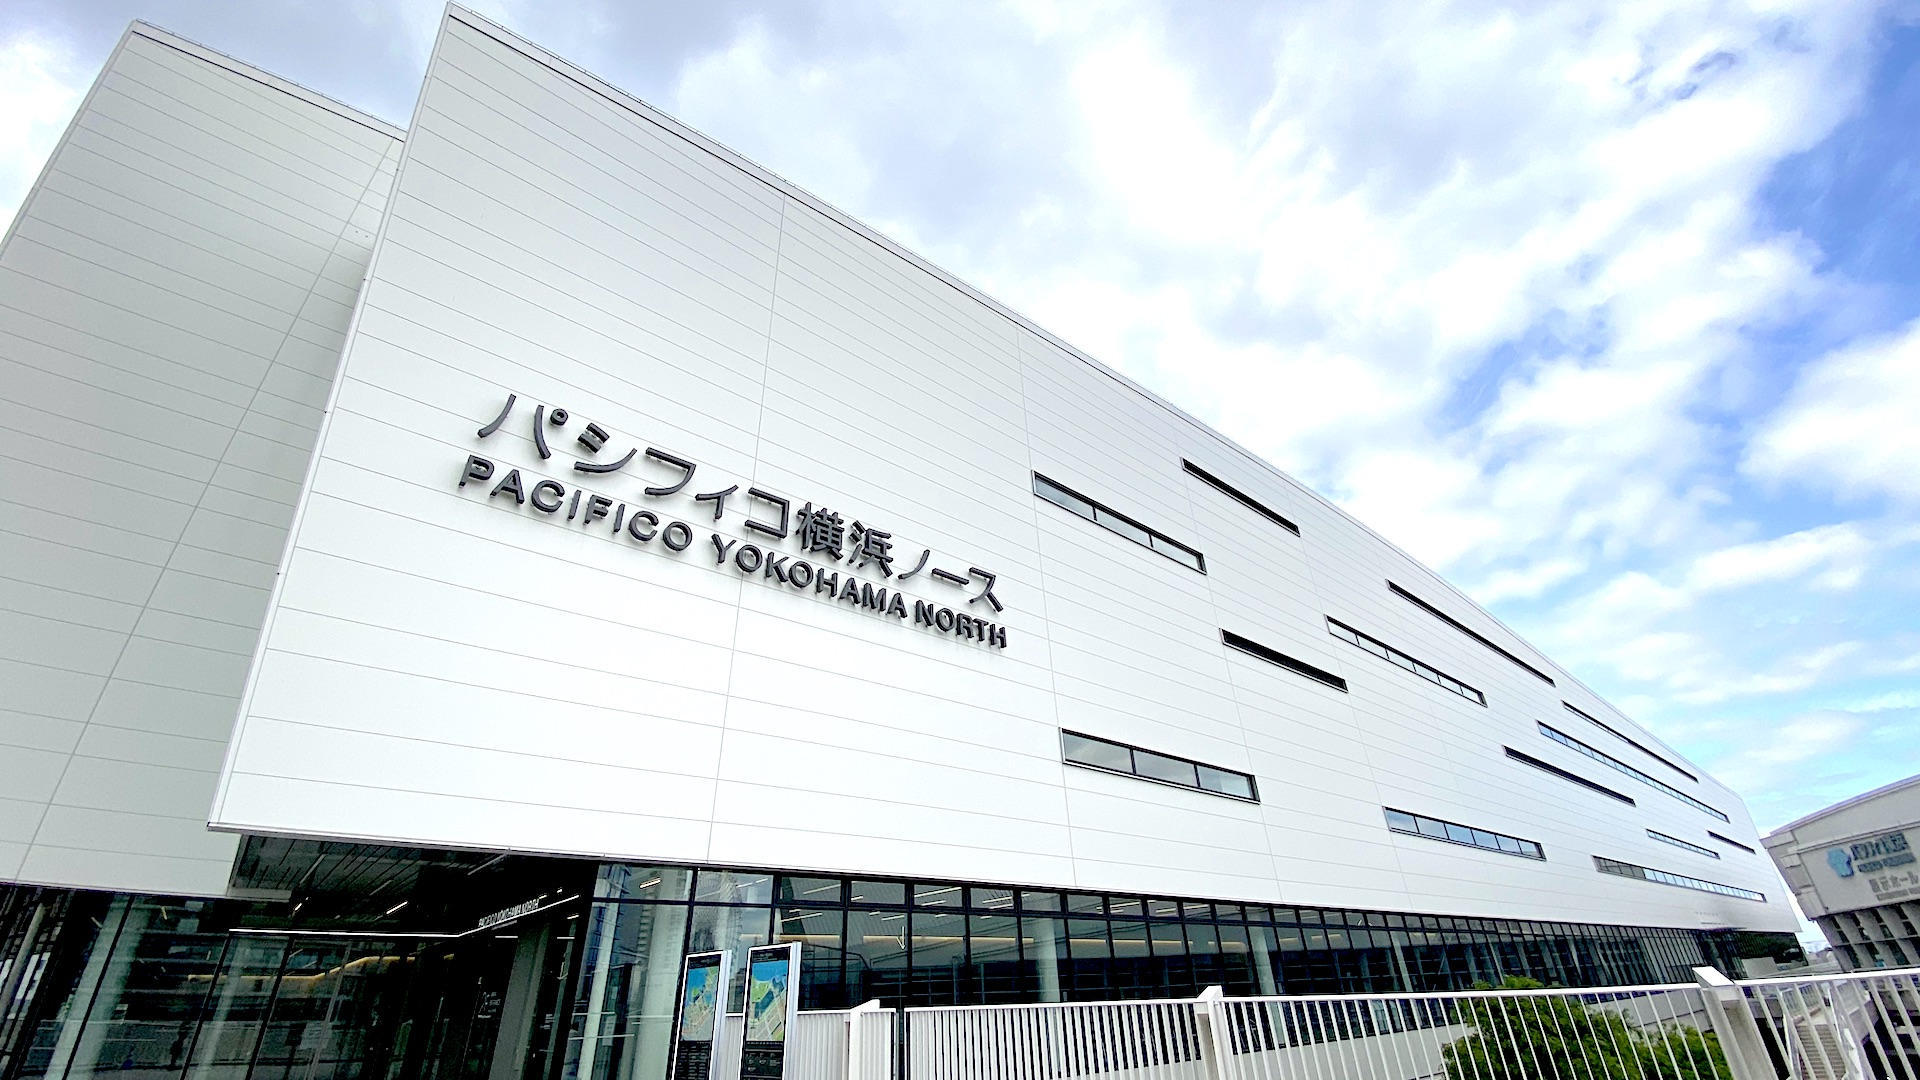 横浜 パシフィコ